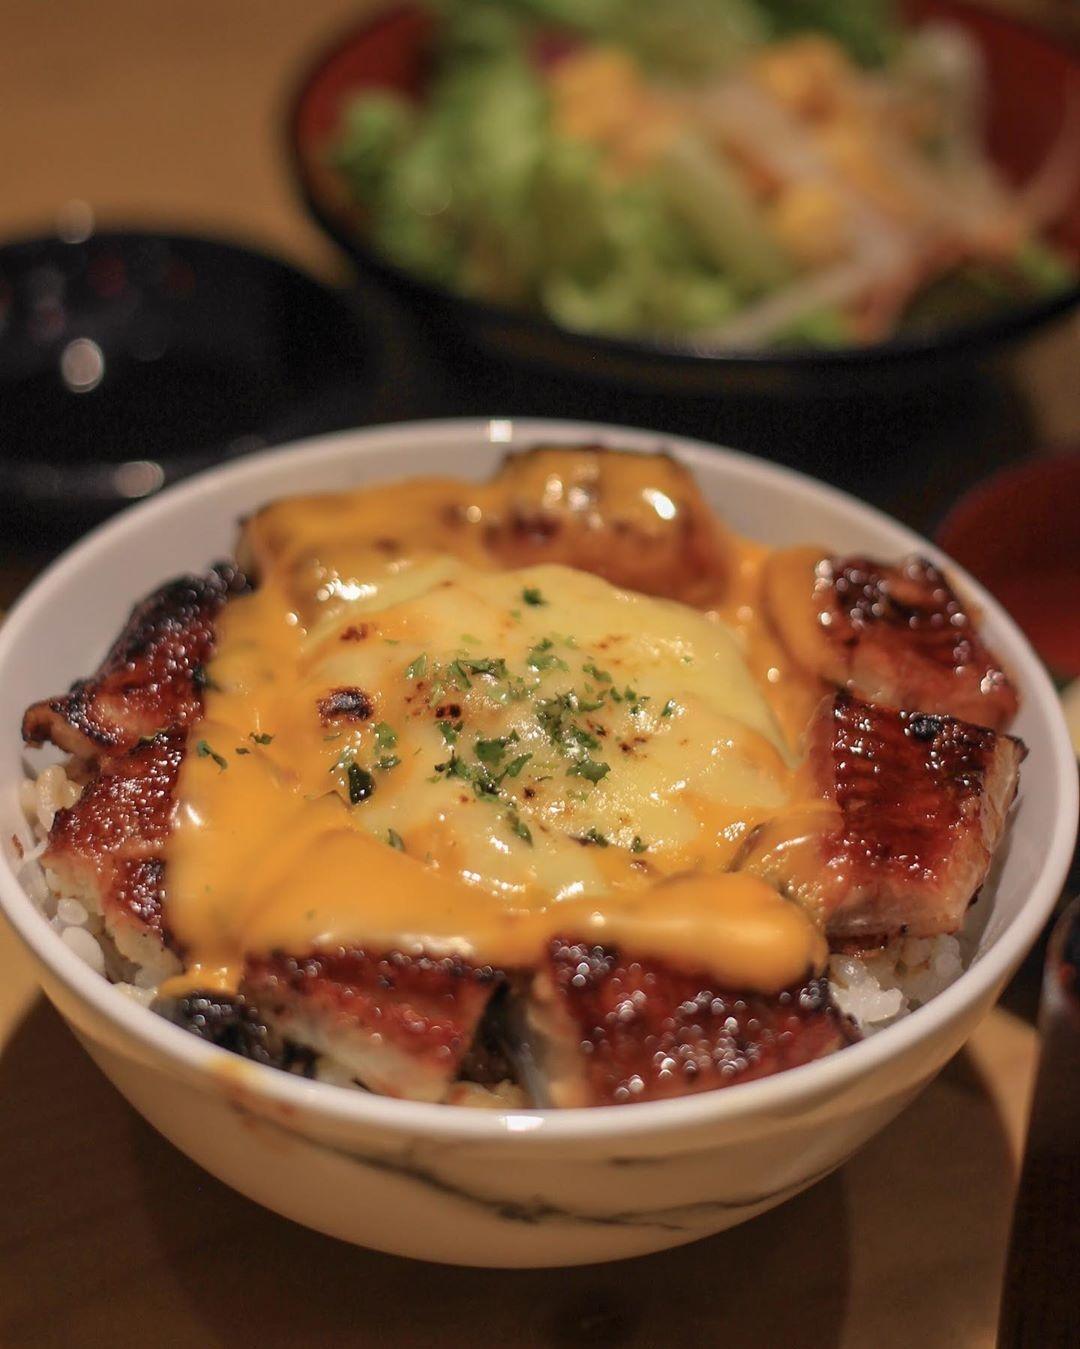 Ăn cơm lươn chuẩn vị Nhật ở TP.HCM – Địa điểm ăn uống – monmientrung.com